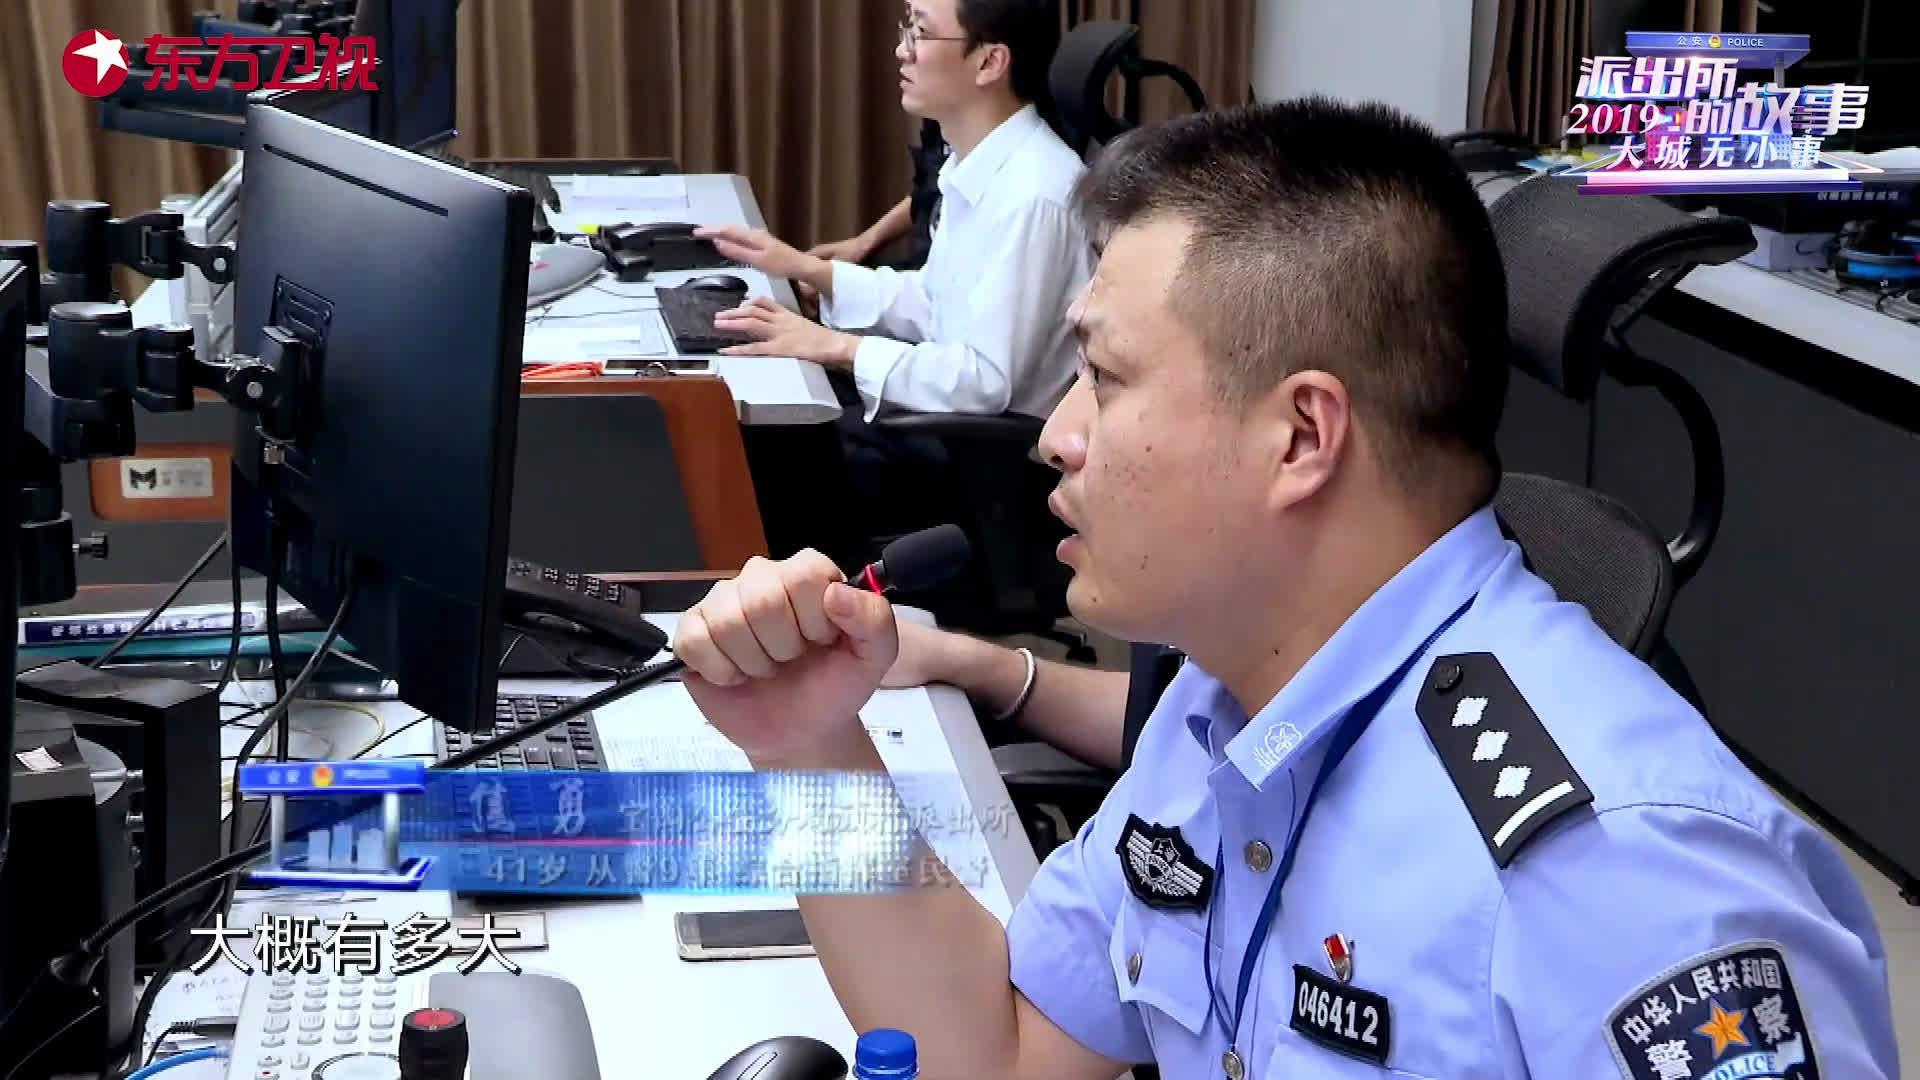 居民区马蜂窝伤人,综合指挥室民警和巡逻民警通过4G执法记录仪……